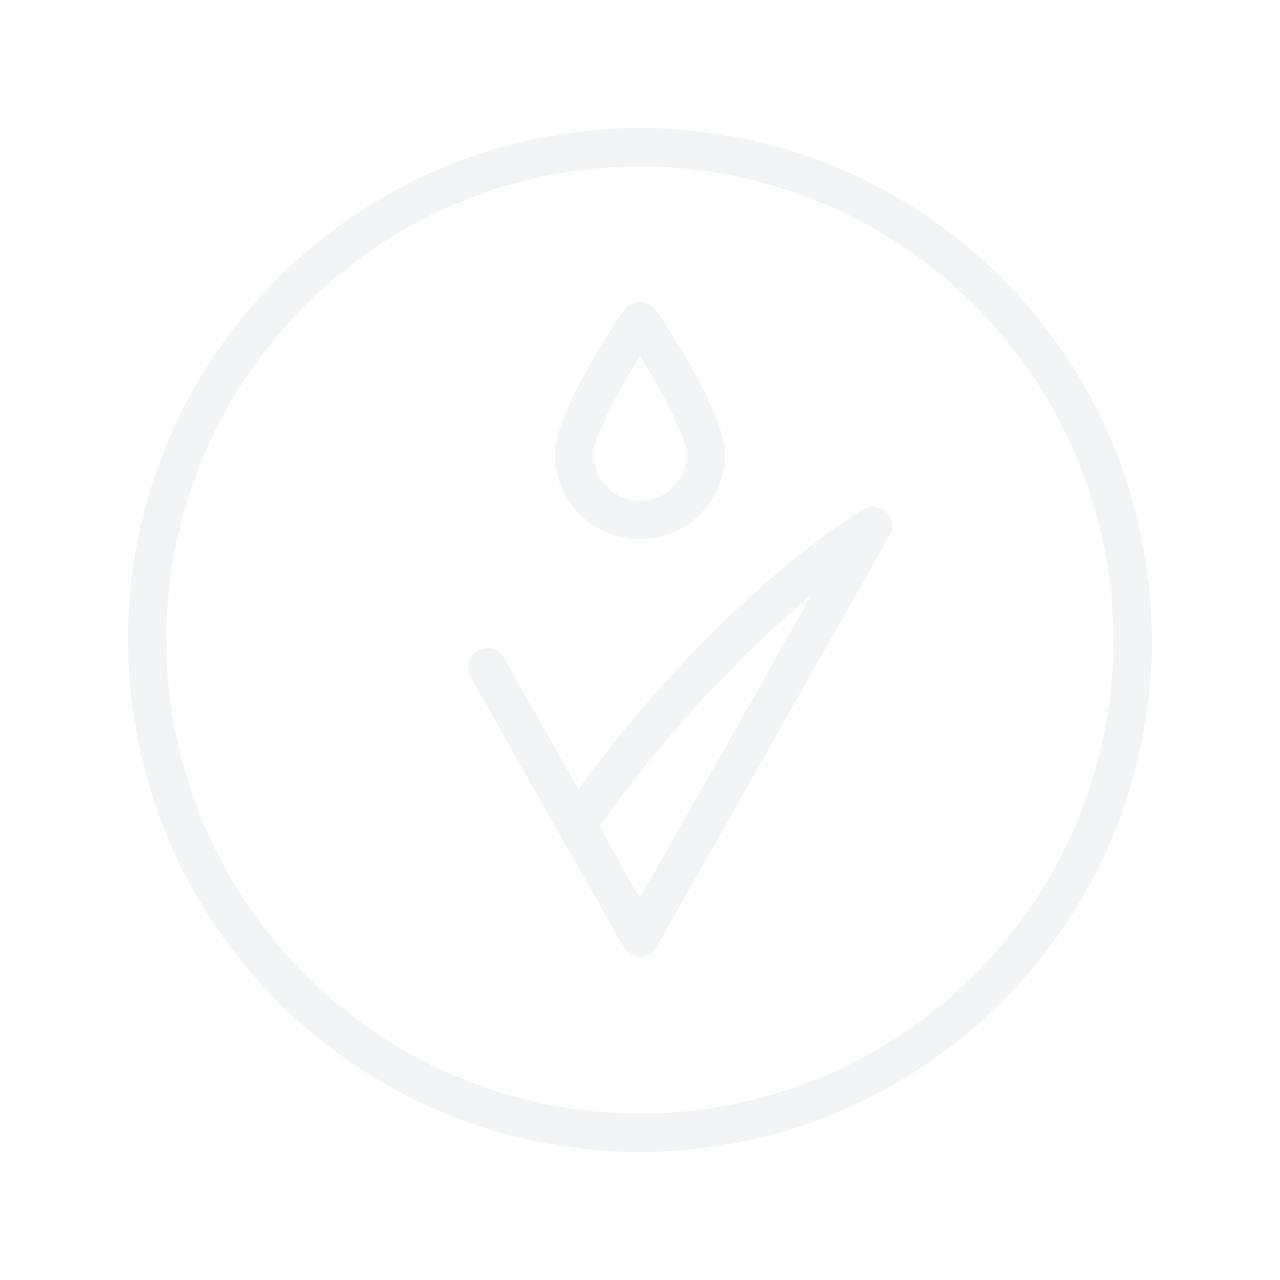 IDUN Minerals Lip Gloss Felicia 6ml